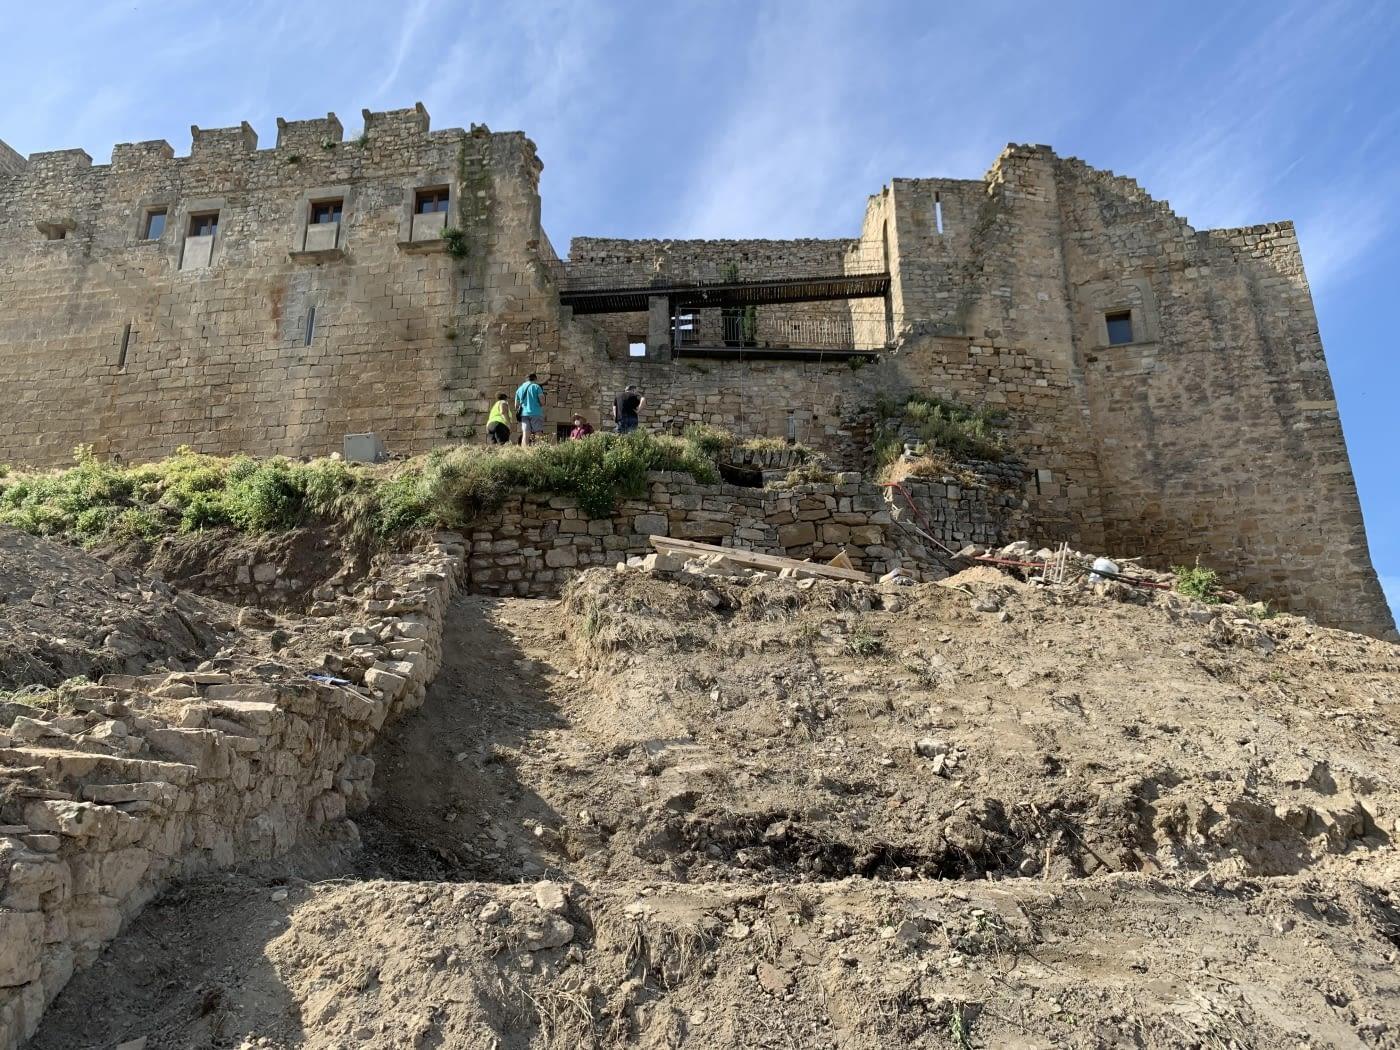 Inici de les obres d'adequació dels accessos nord i oest, la consolidació estructural de l'antiga cisterna d'aigua soterrada i de diversos murs de tancament del Castell de Ciutadilla